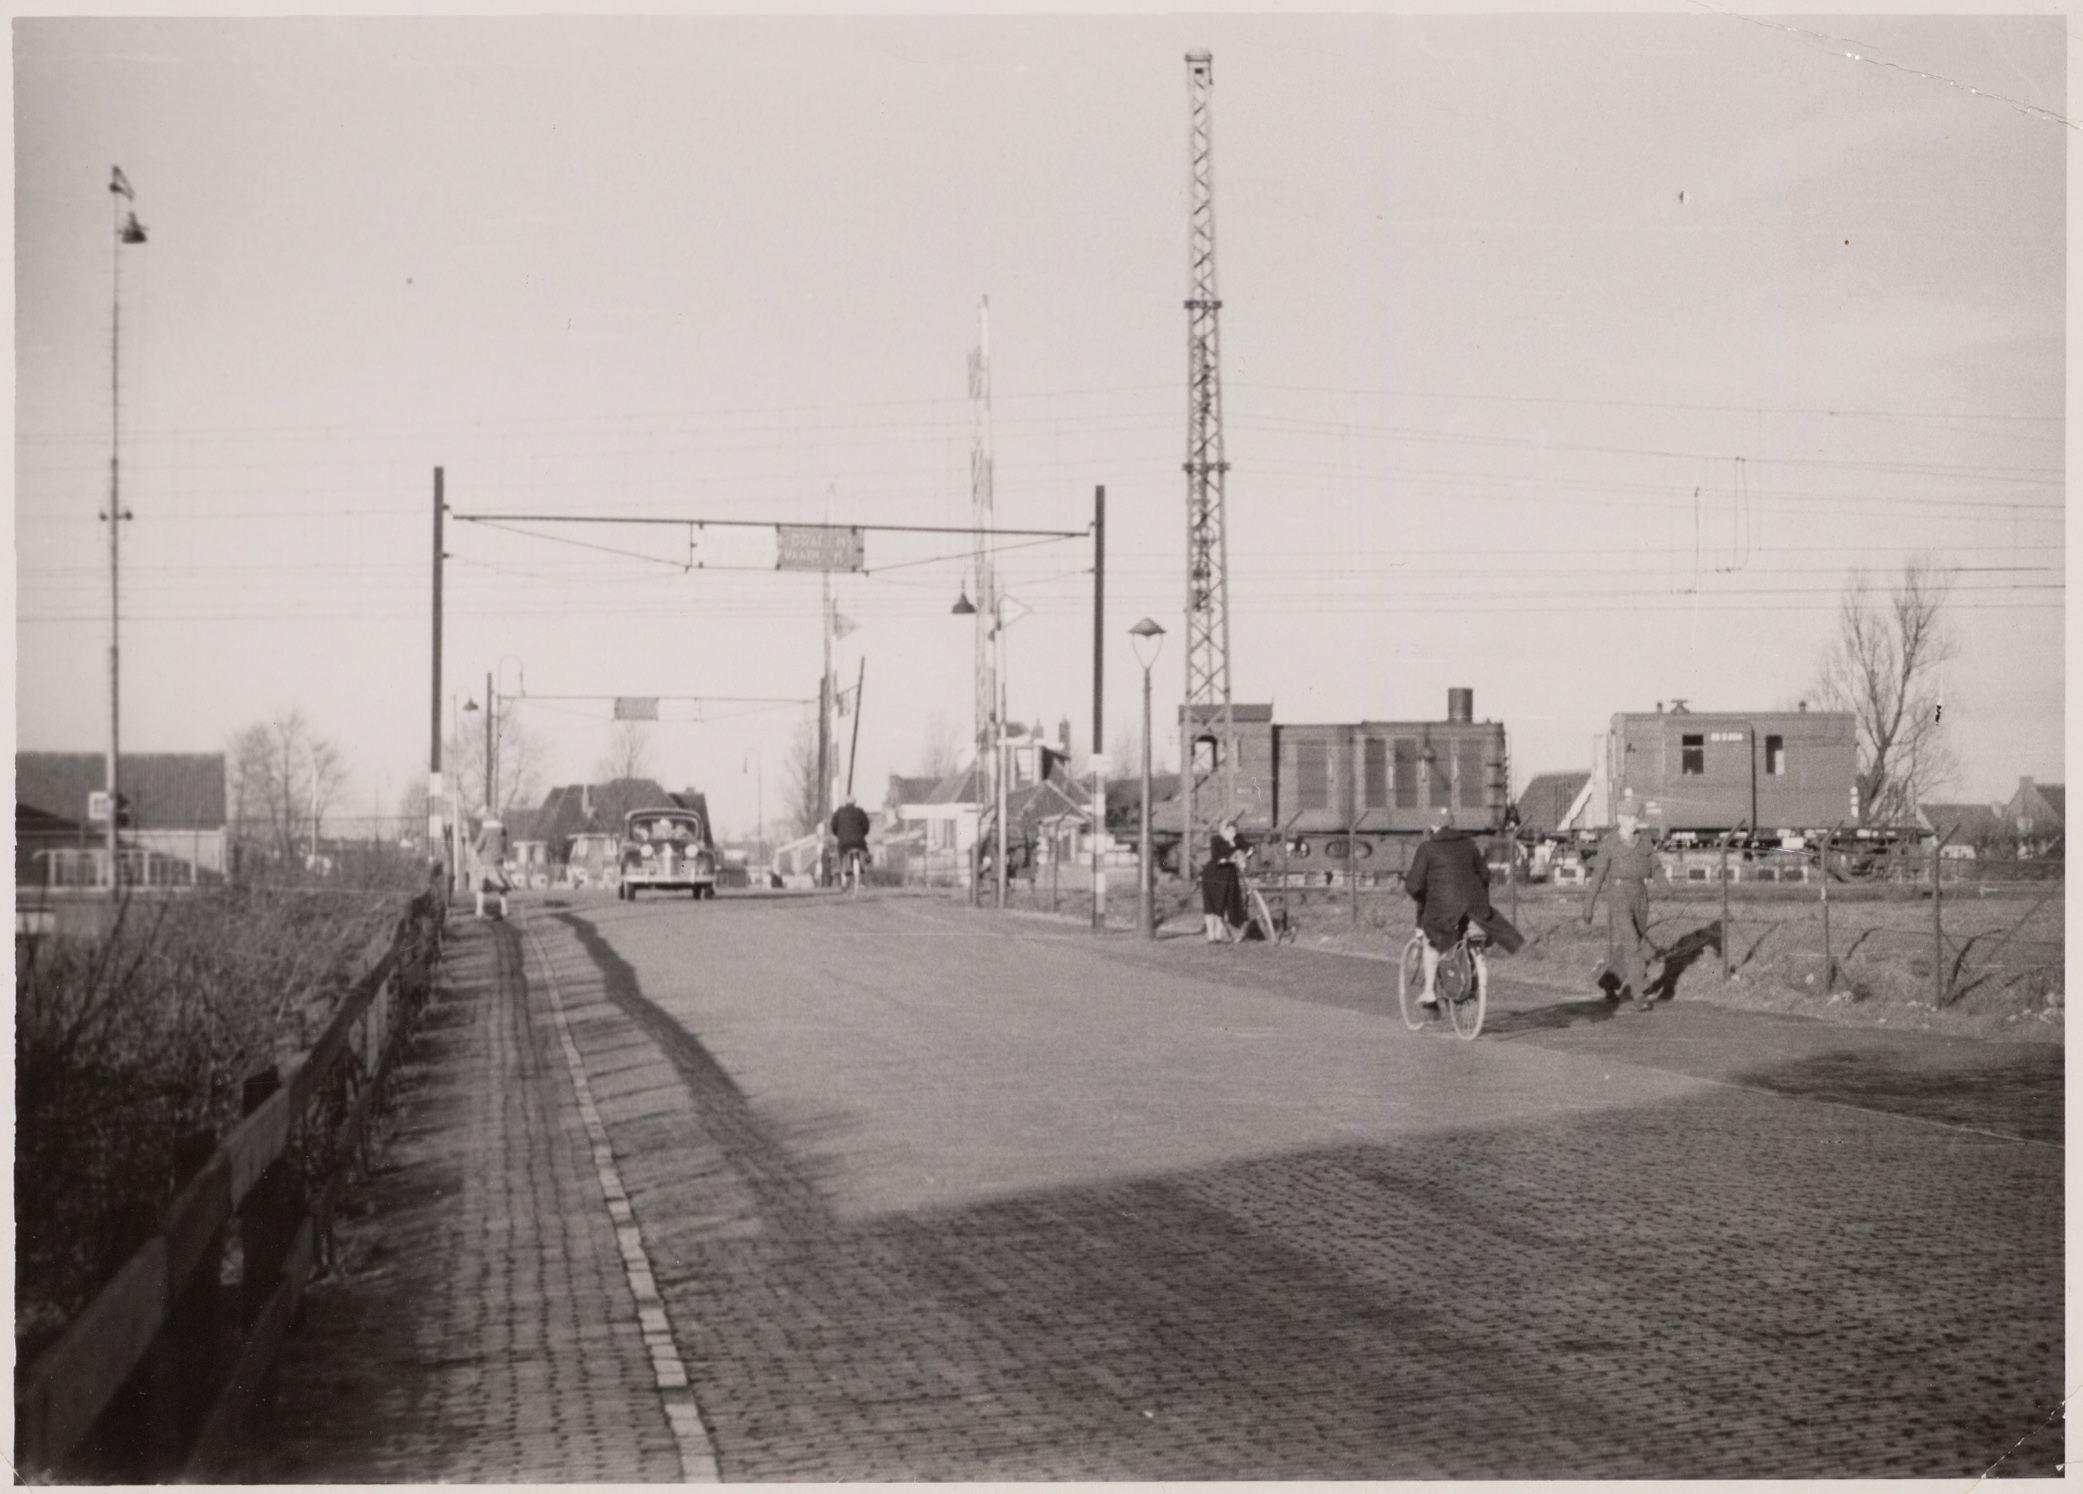 De spoorwegovergang in 1954. Vervaardiger: onbekend. Collectie Regionaal Archief Alkmaar. Cat. nr.: FO 1000124